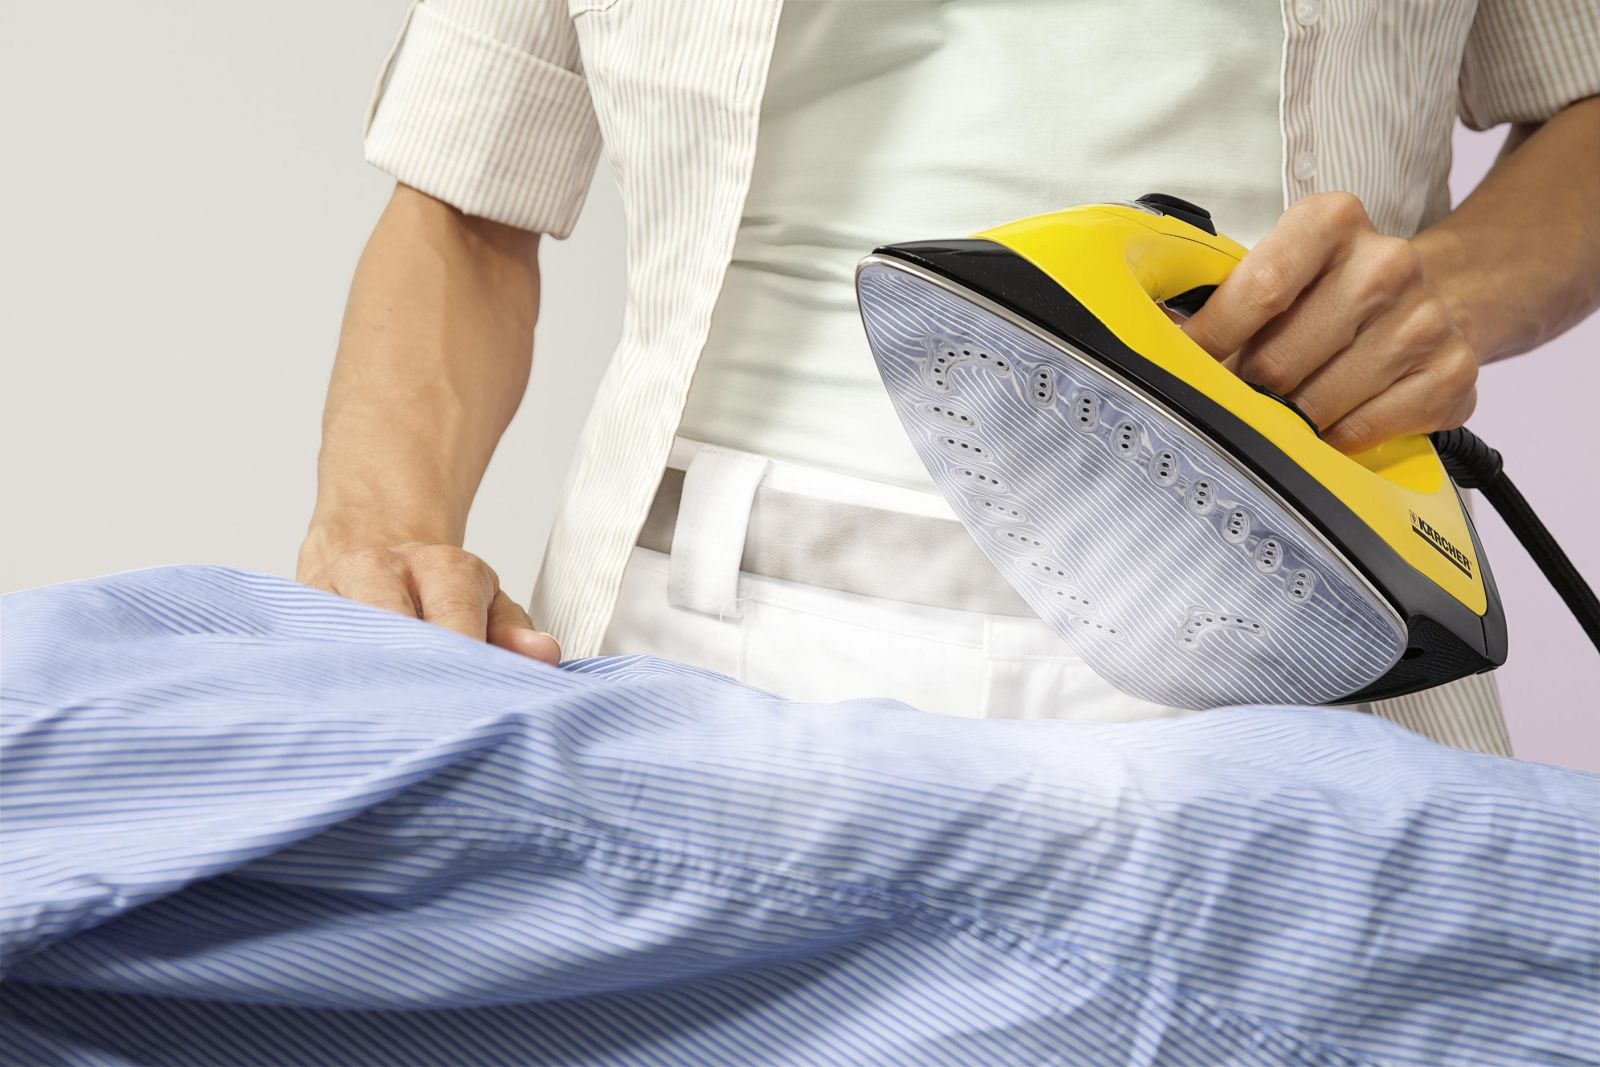 Как гладить одежду быстро и с удовольствием? - фото №1